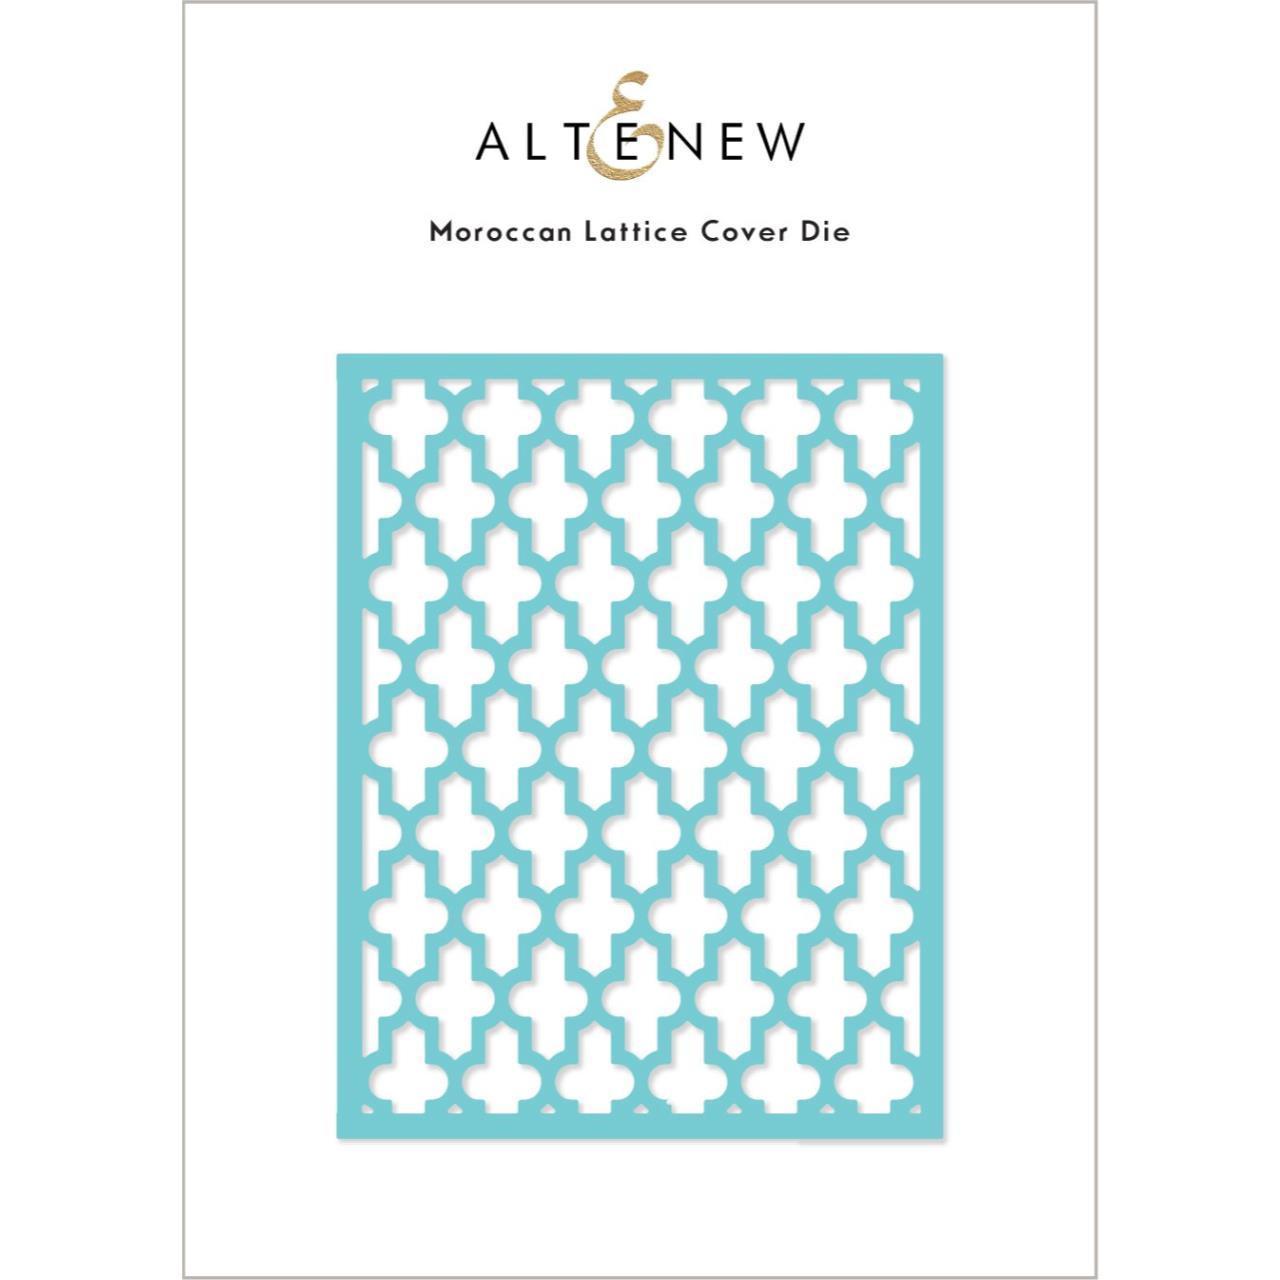 Moroccan Lattice Cover, Altenew Dies -